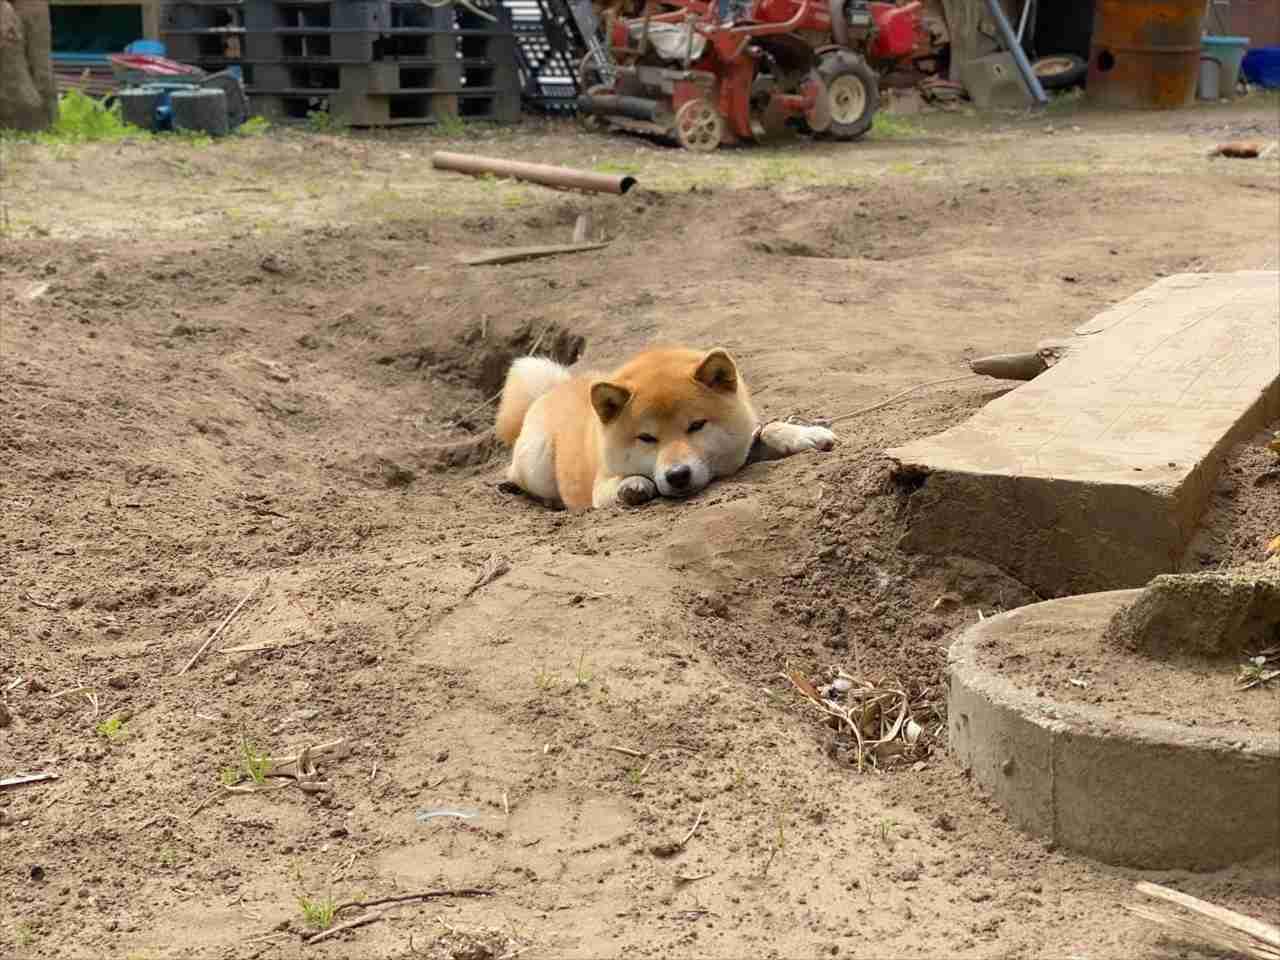 仕事へ行こうとしたら、柴犬のとある行動を見て盛大に足止めくらった(笑) 一体何をしていた!?